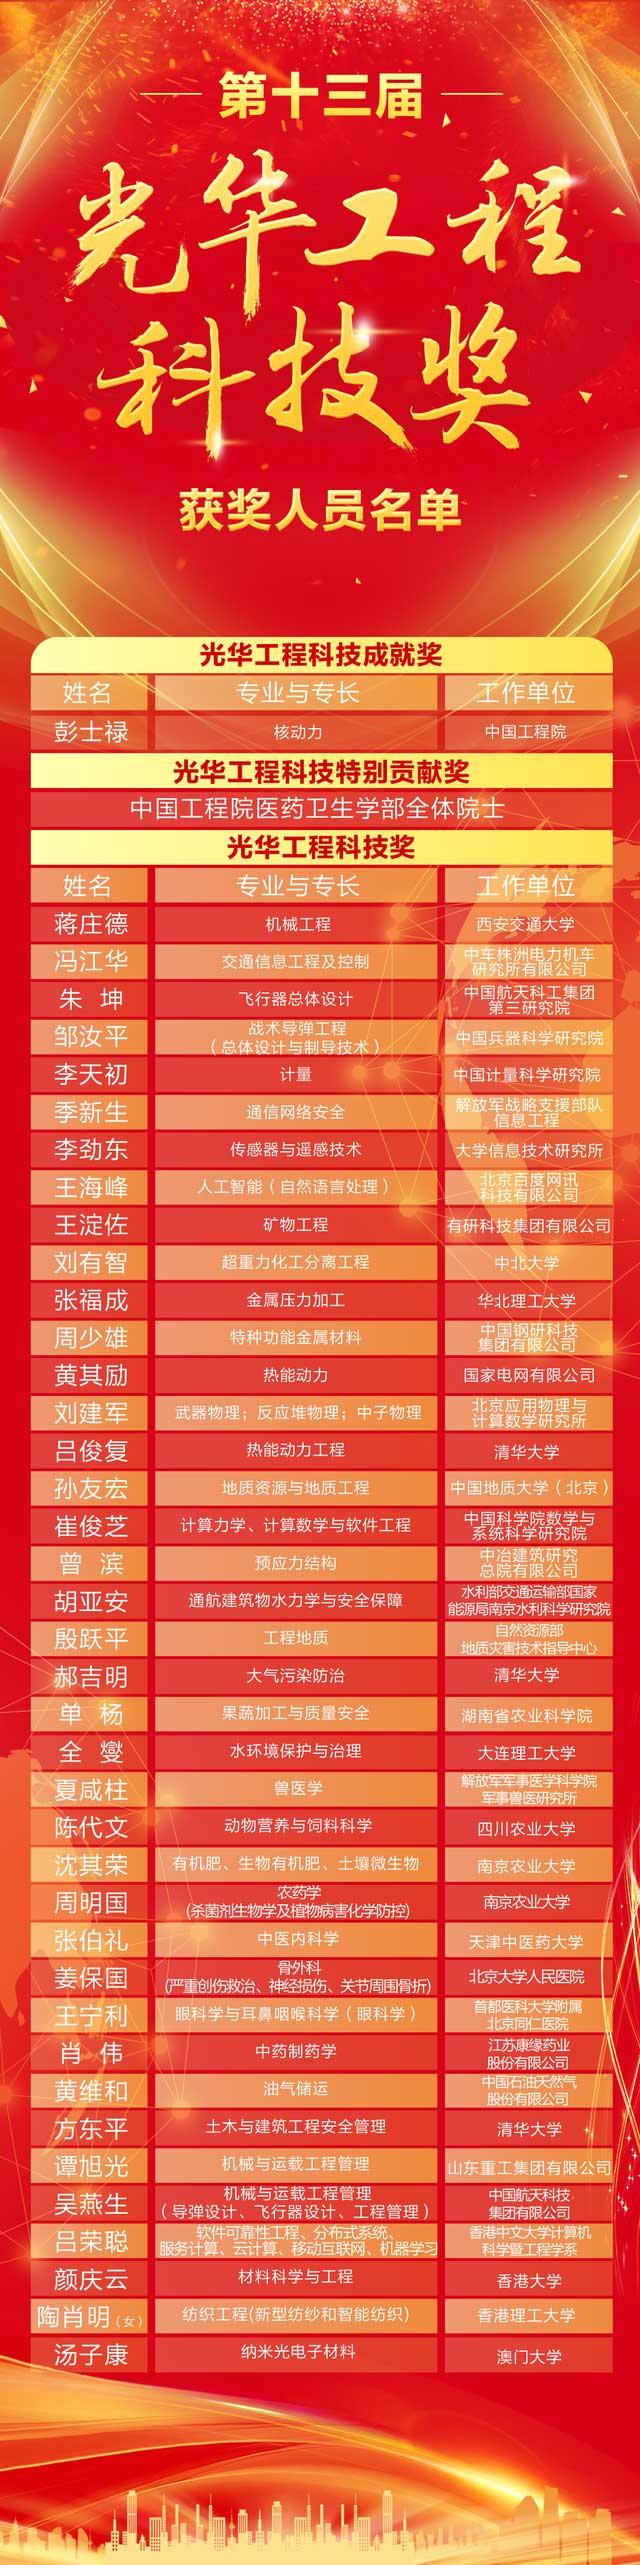 2020年光华工程科技奖获奖名单-第1张图片-中国大学排行榜